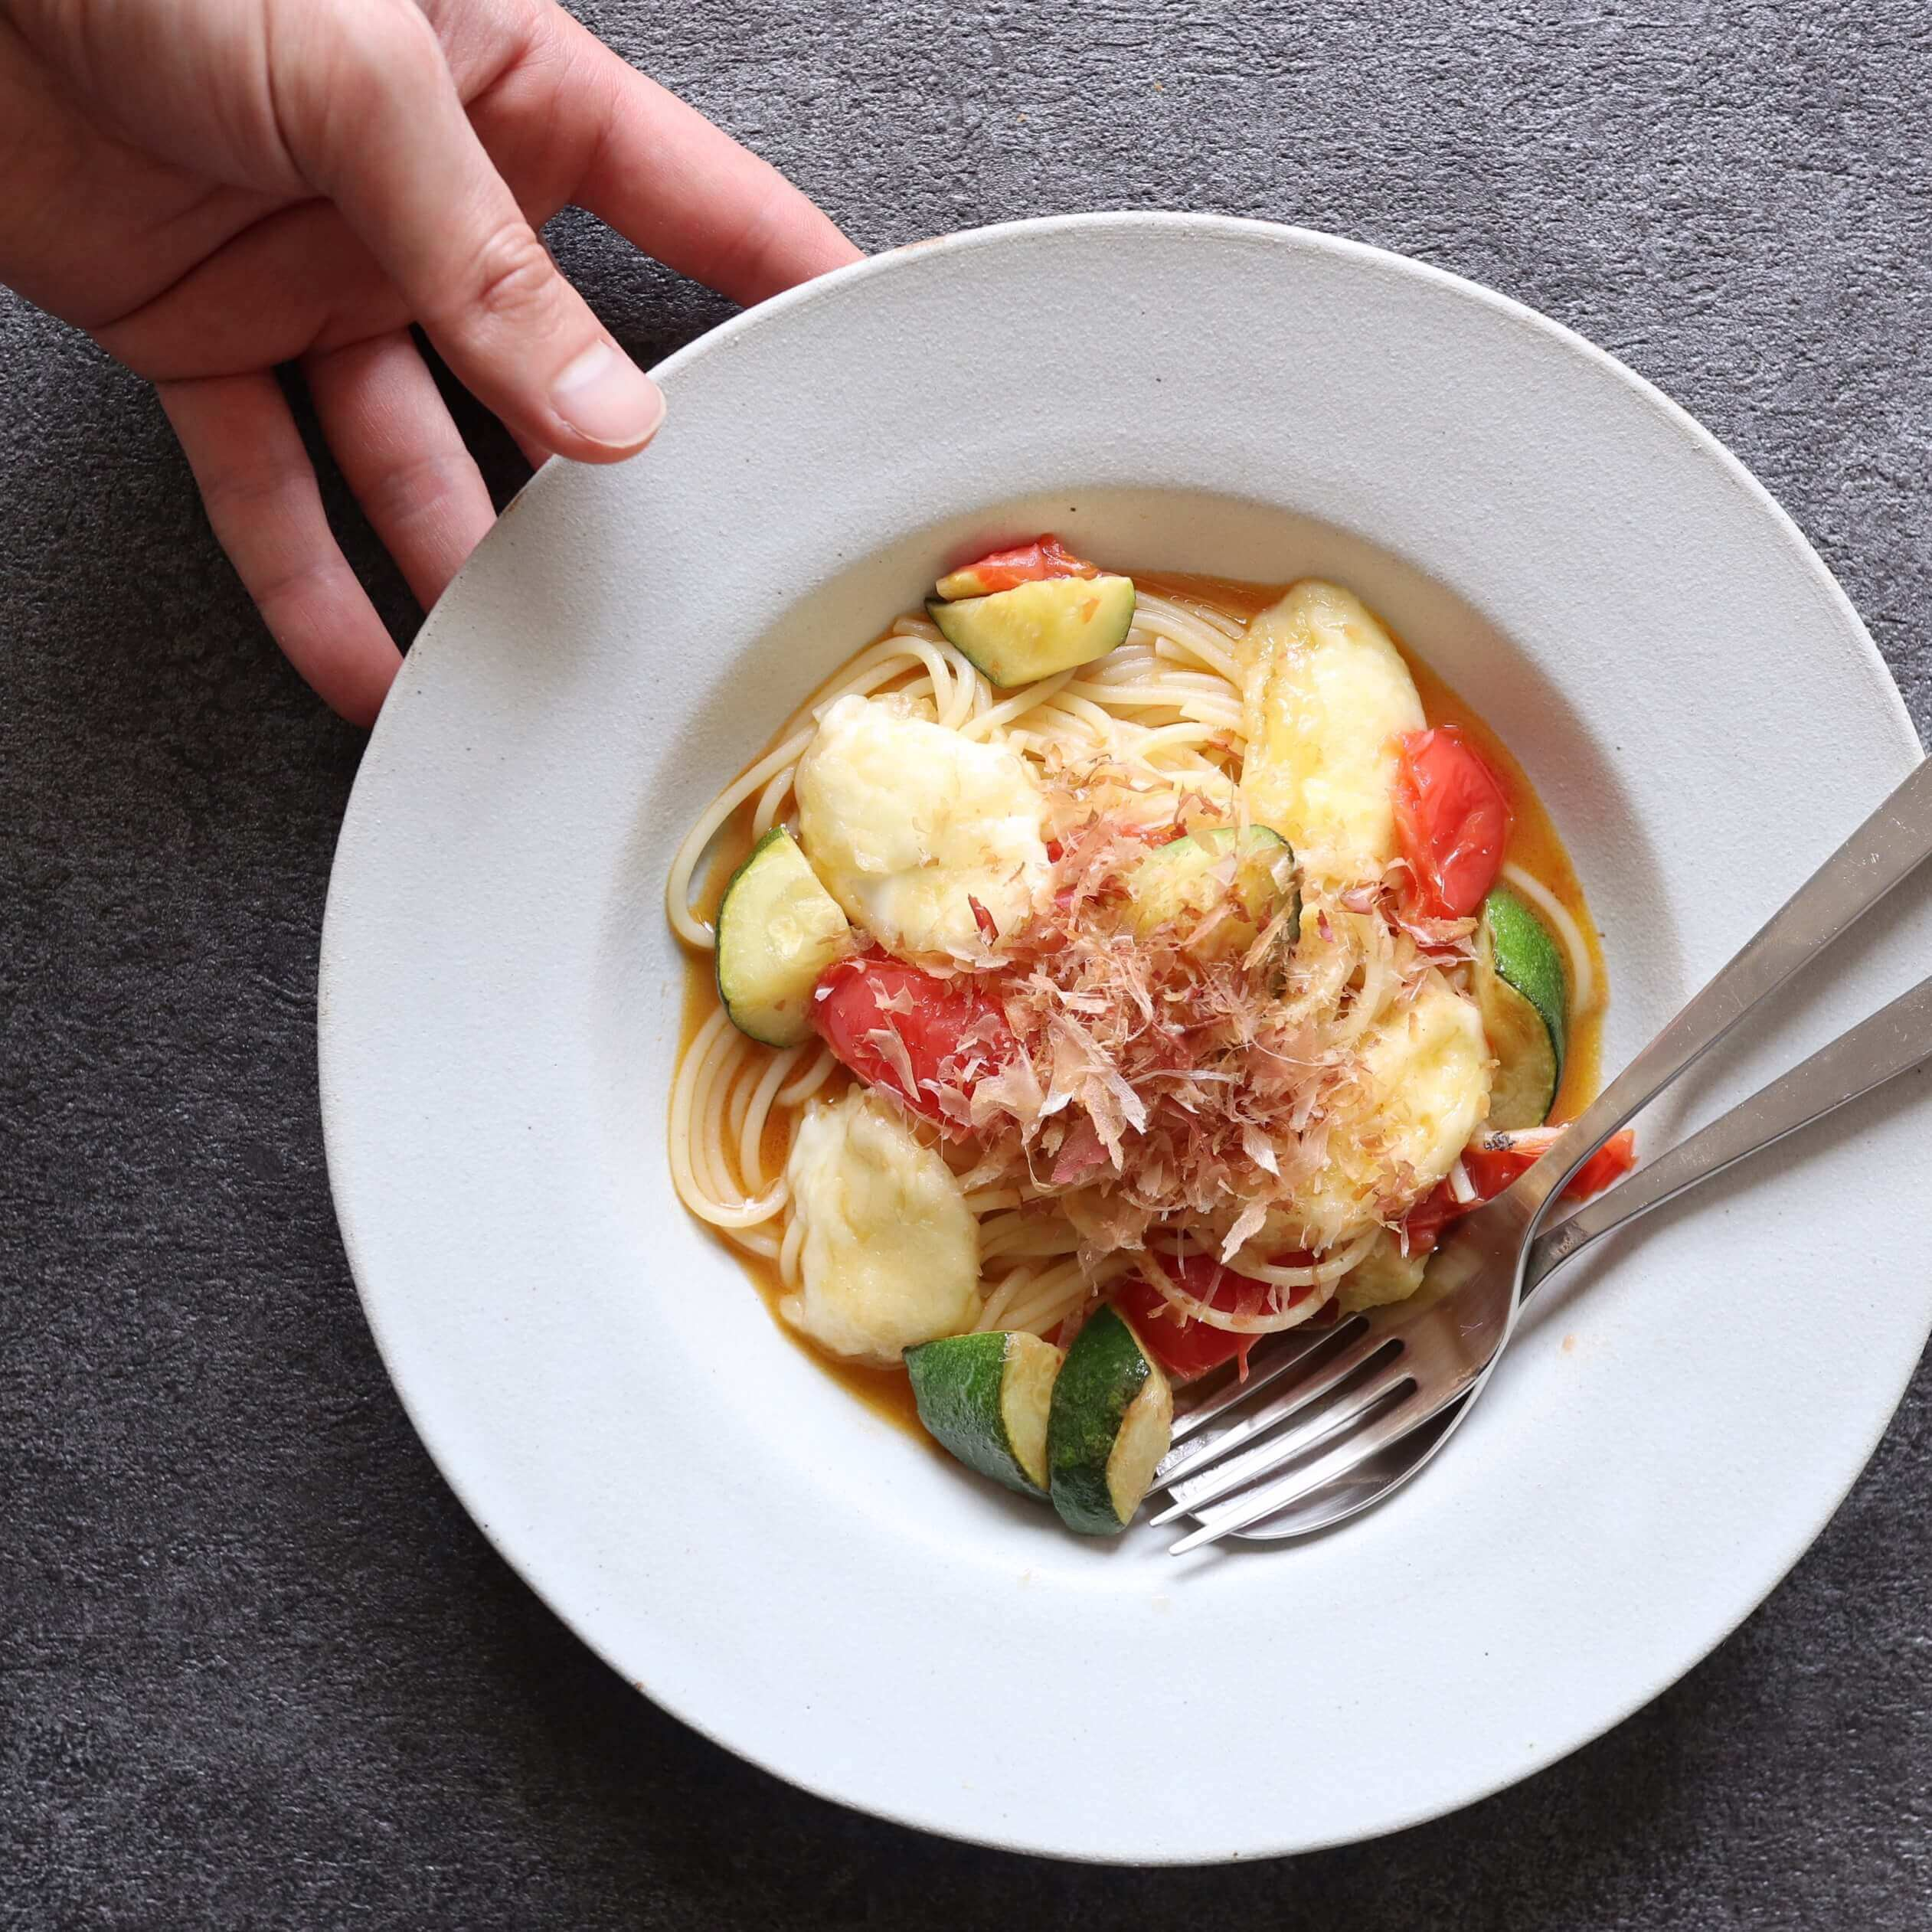 【絶品!】揚げ出しモッツァレラの創作和風パスタのレシピ